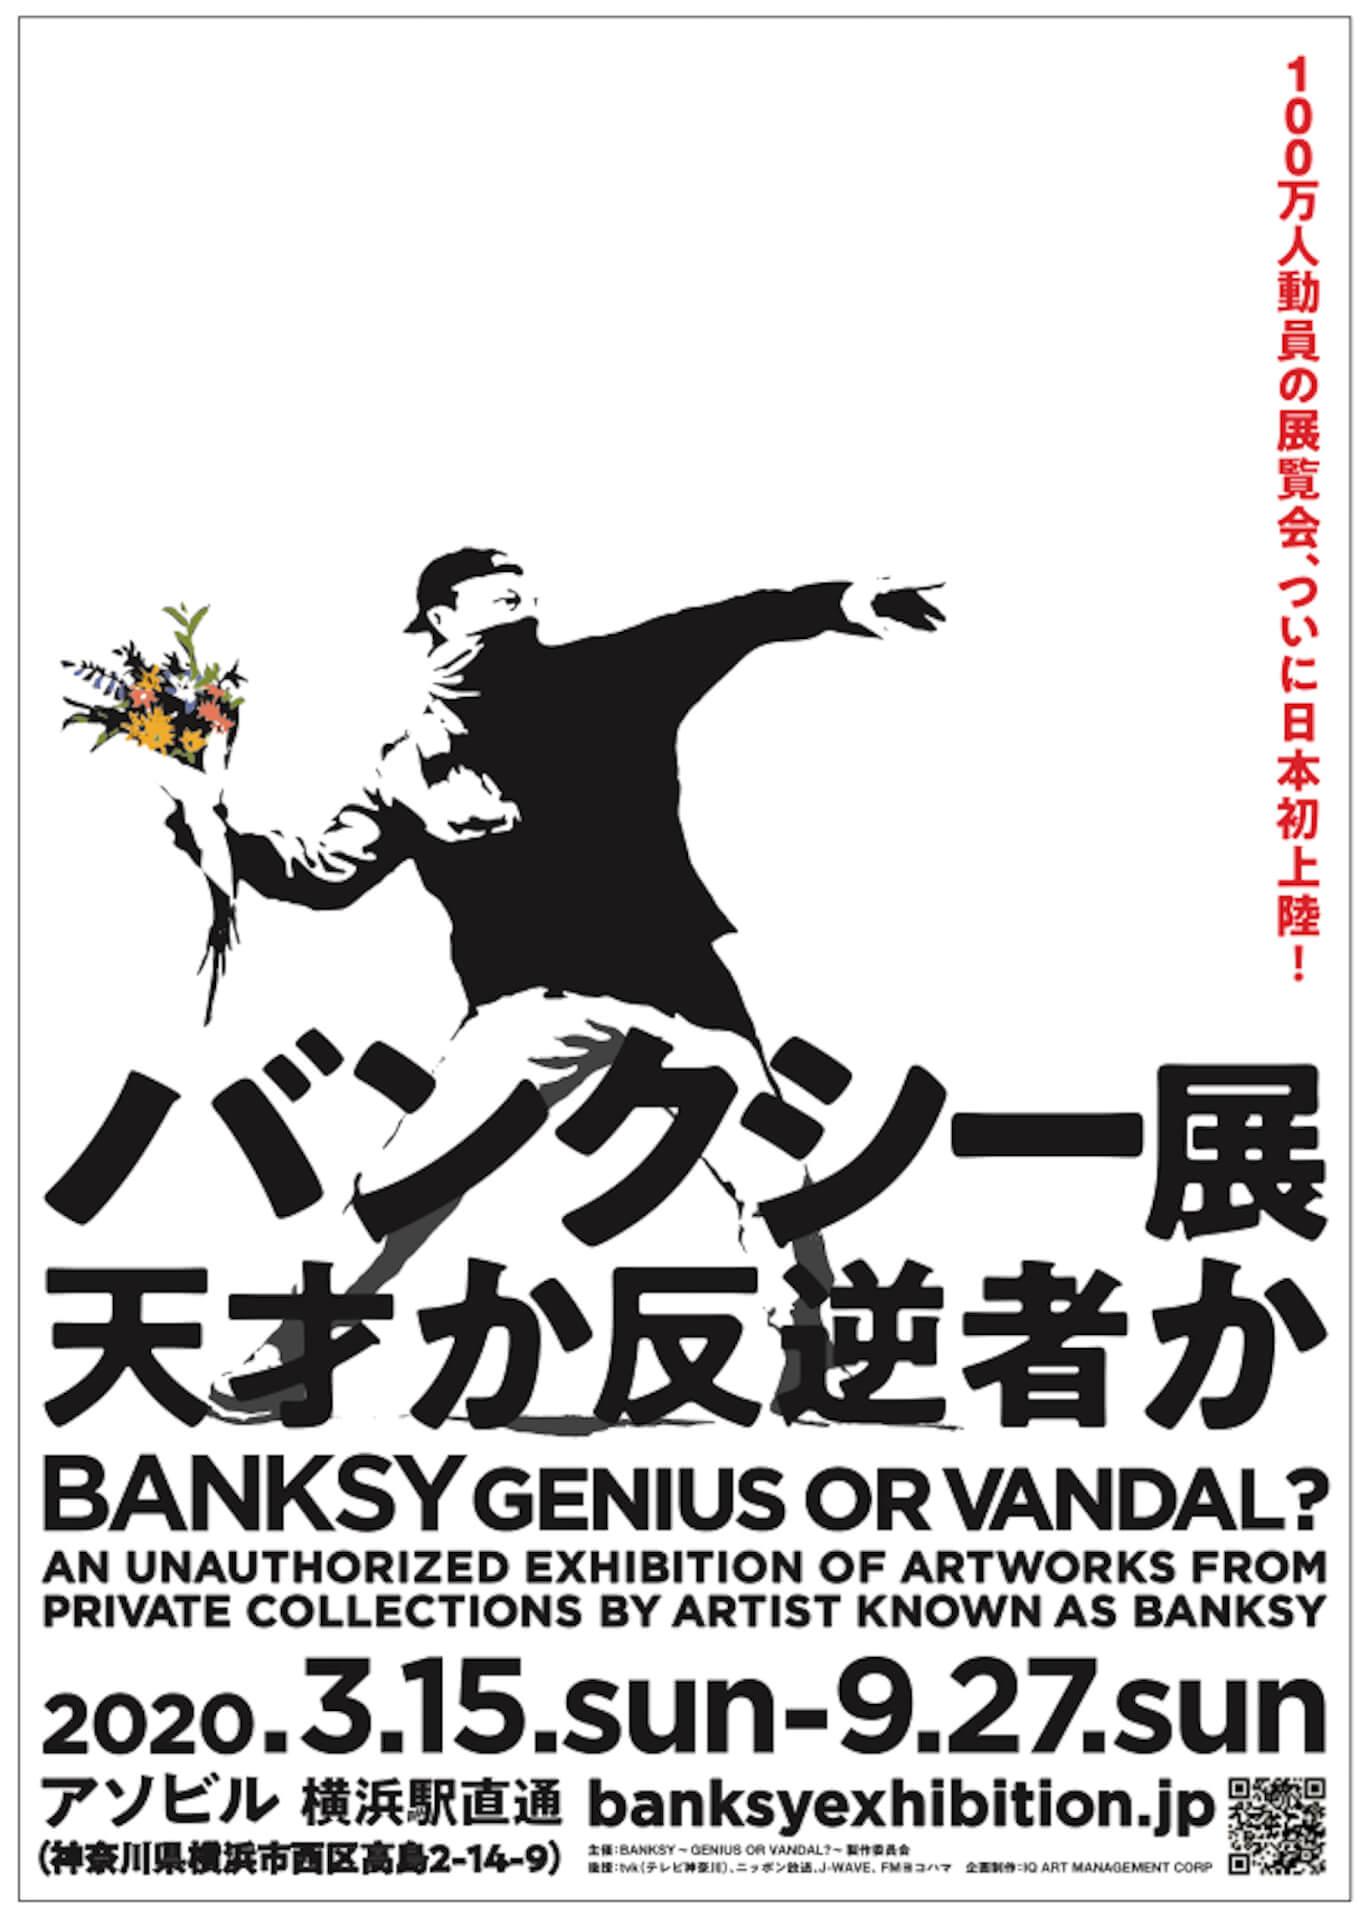 世界で注目を集める<バンクシー展 天才か反逆者か?>のチケット販売がスタート!早割も実施中 art200130_banksy_2